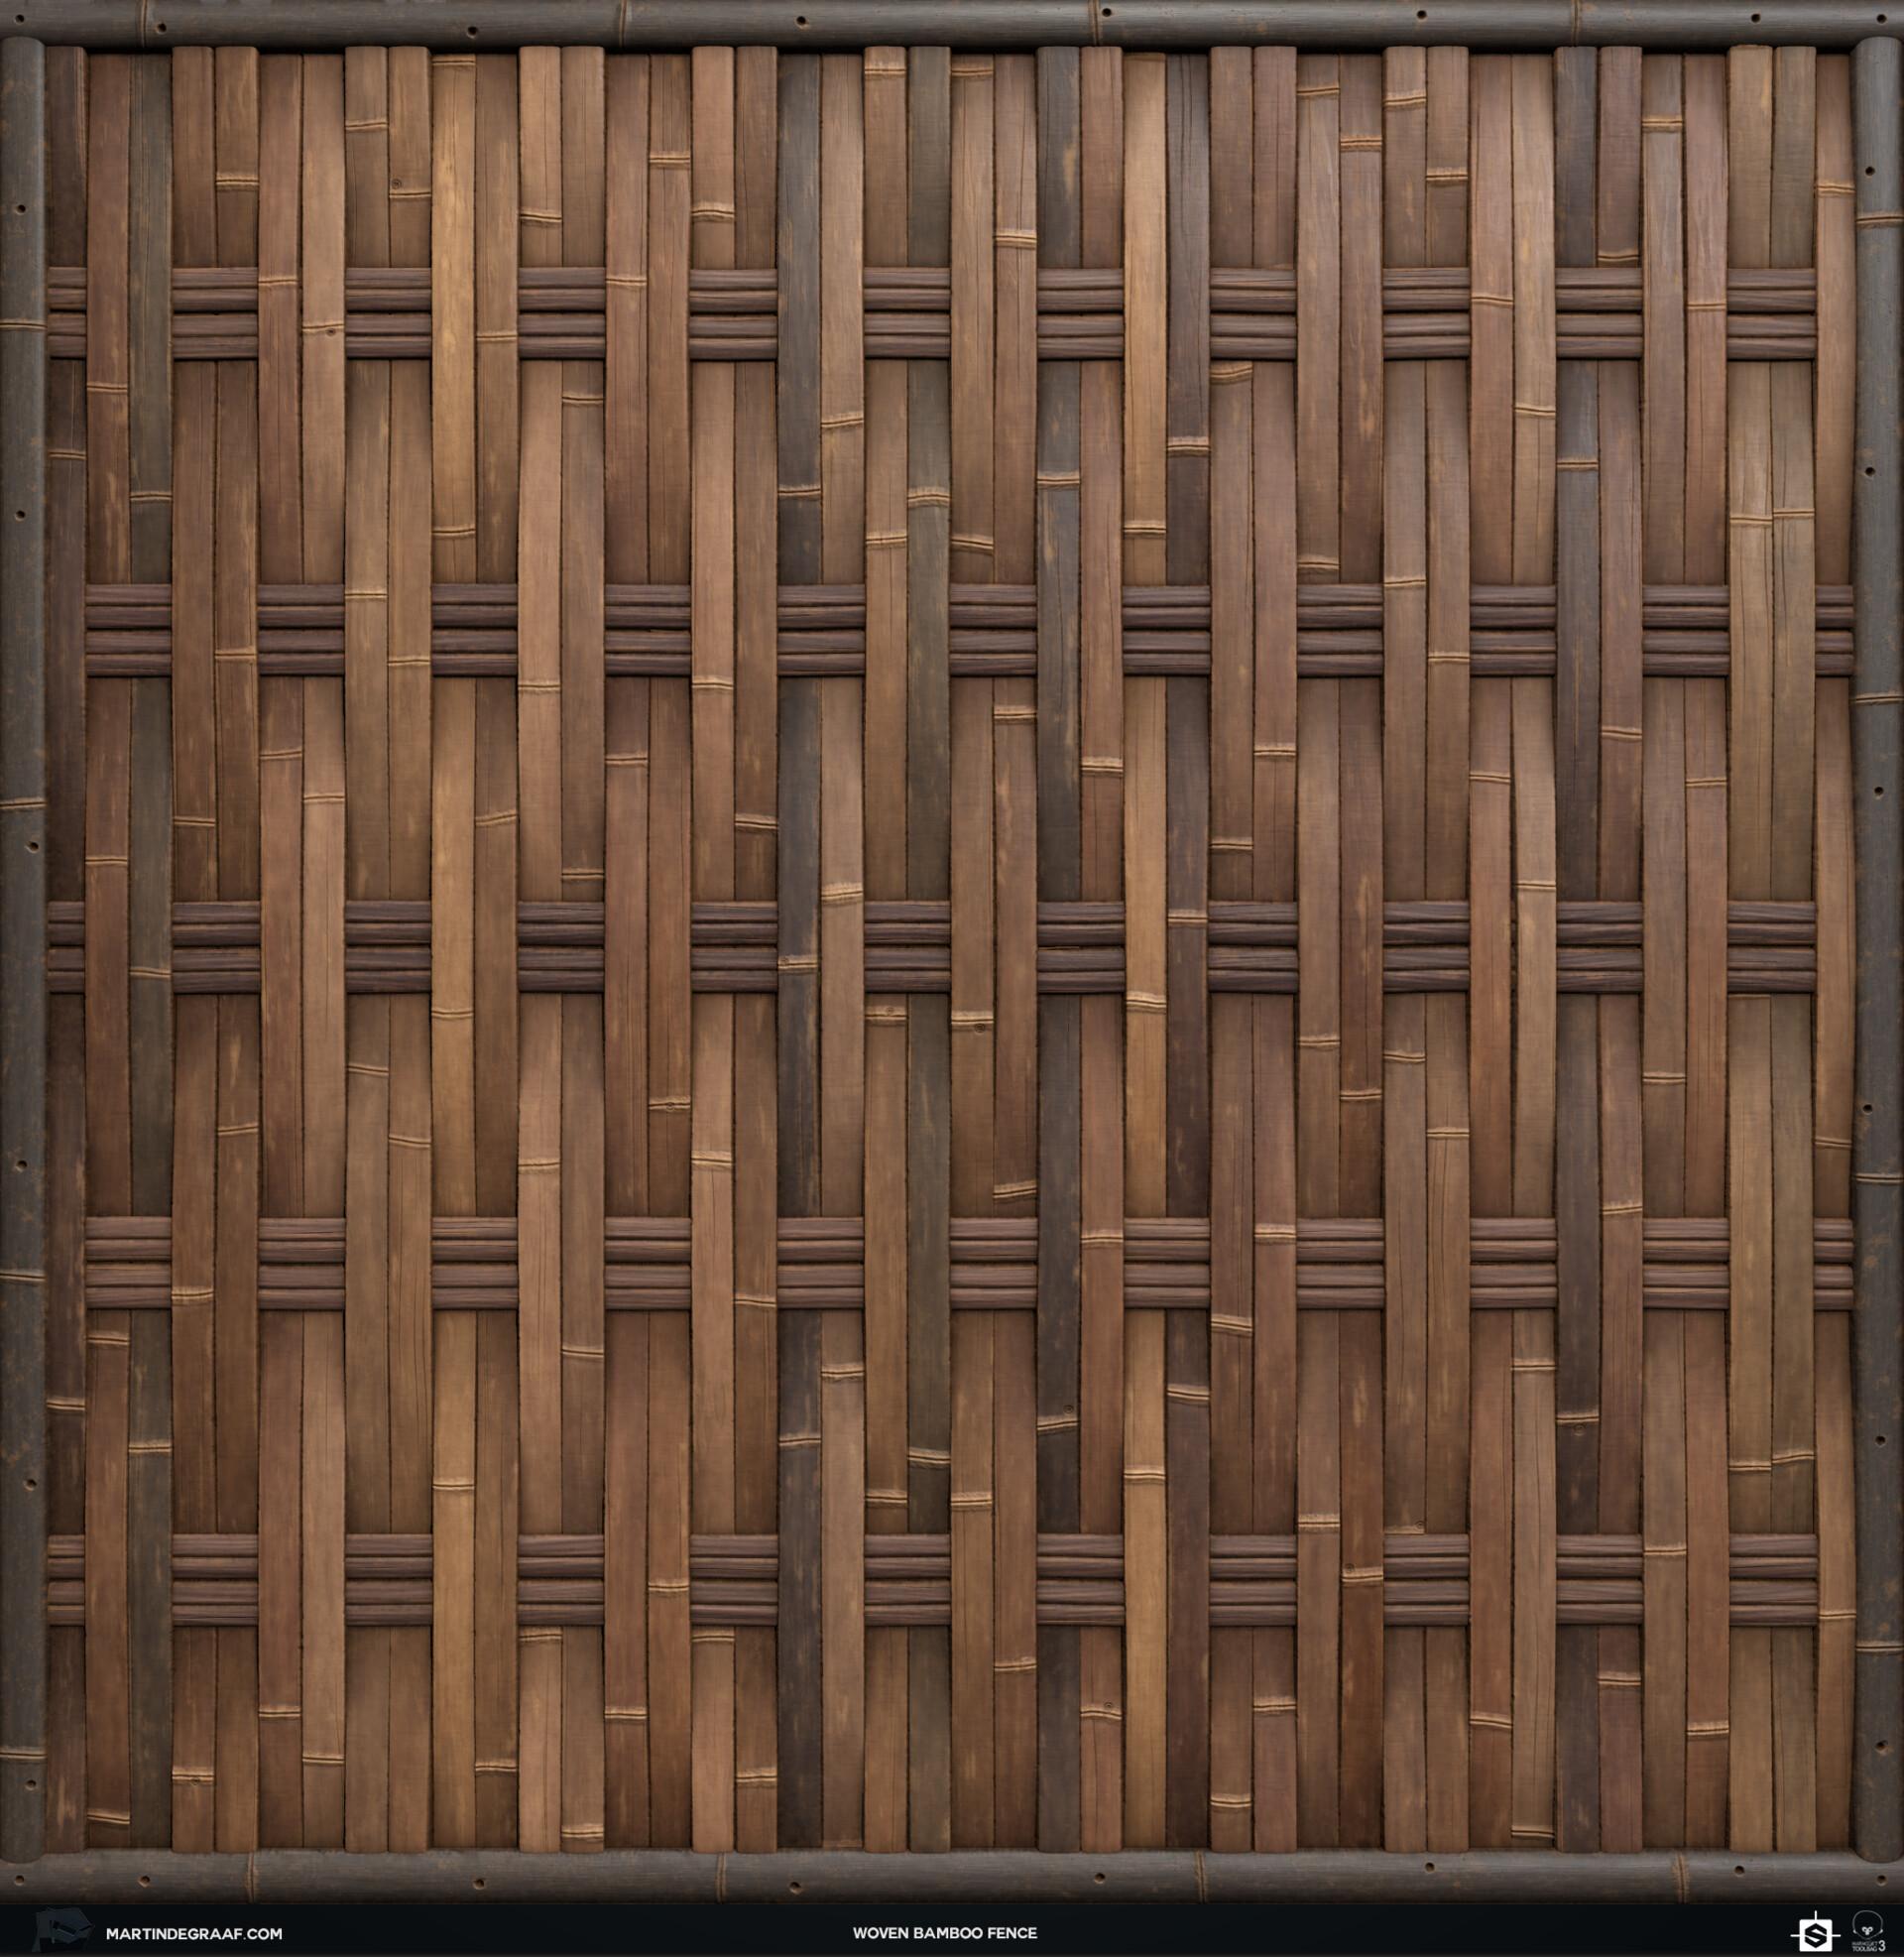 Martin de graaf woven bamboo fence substance front martin de graaf 2019